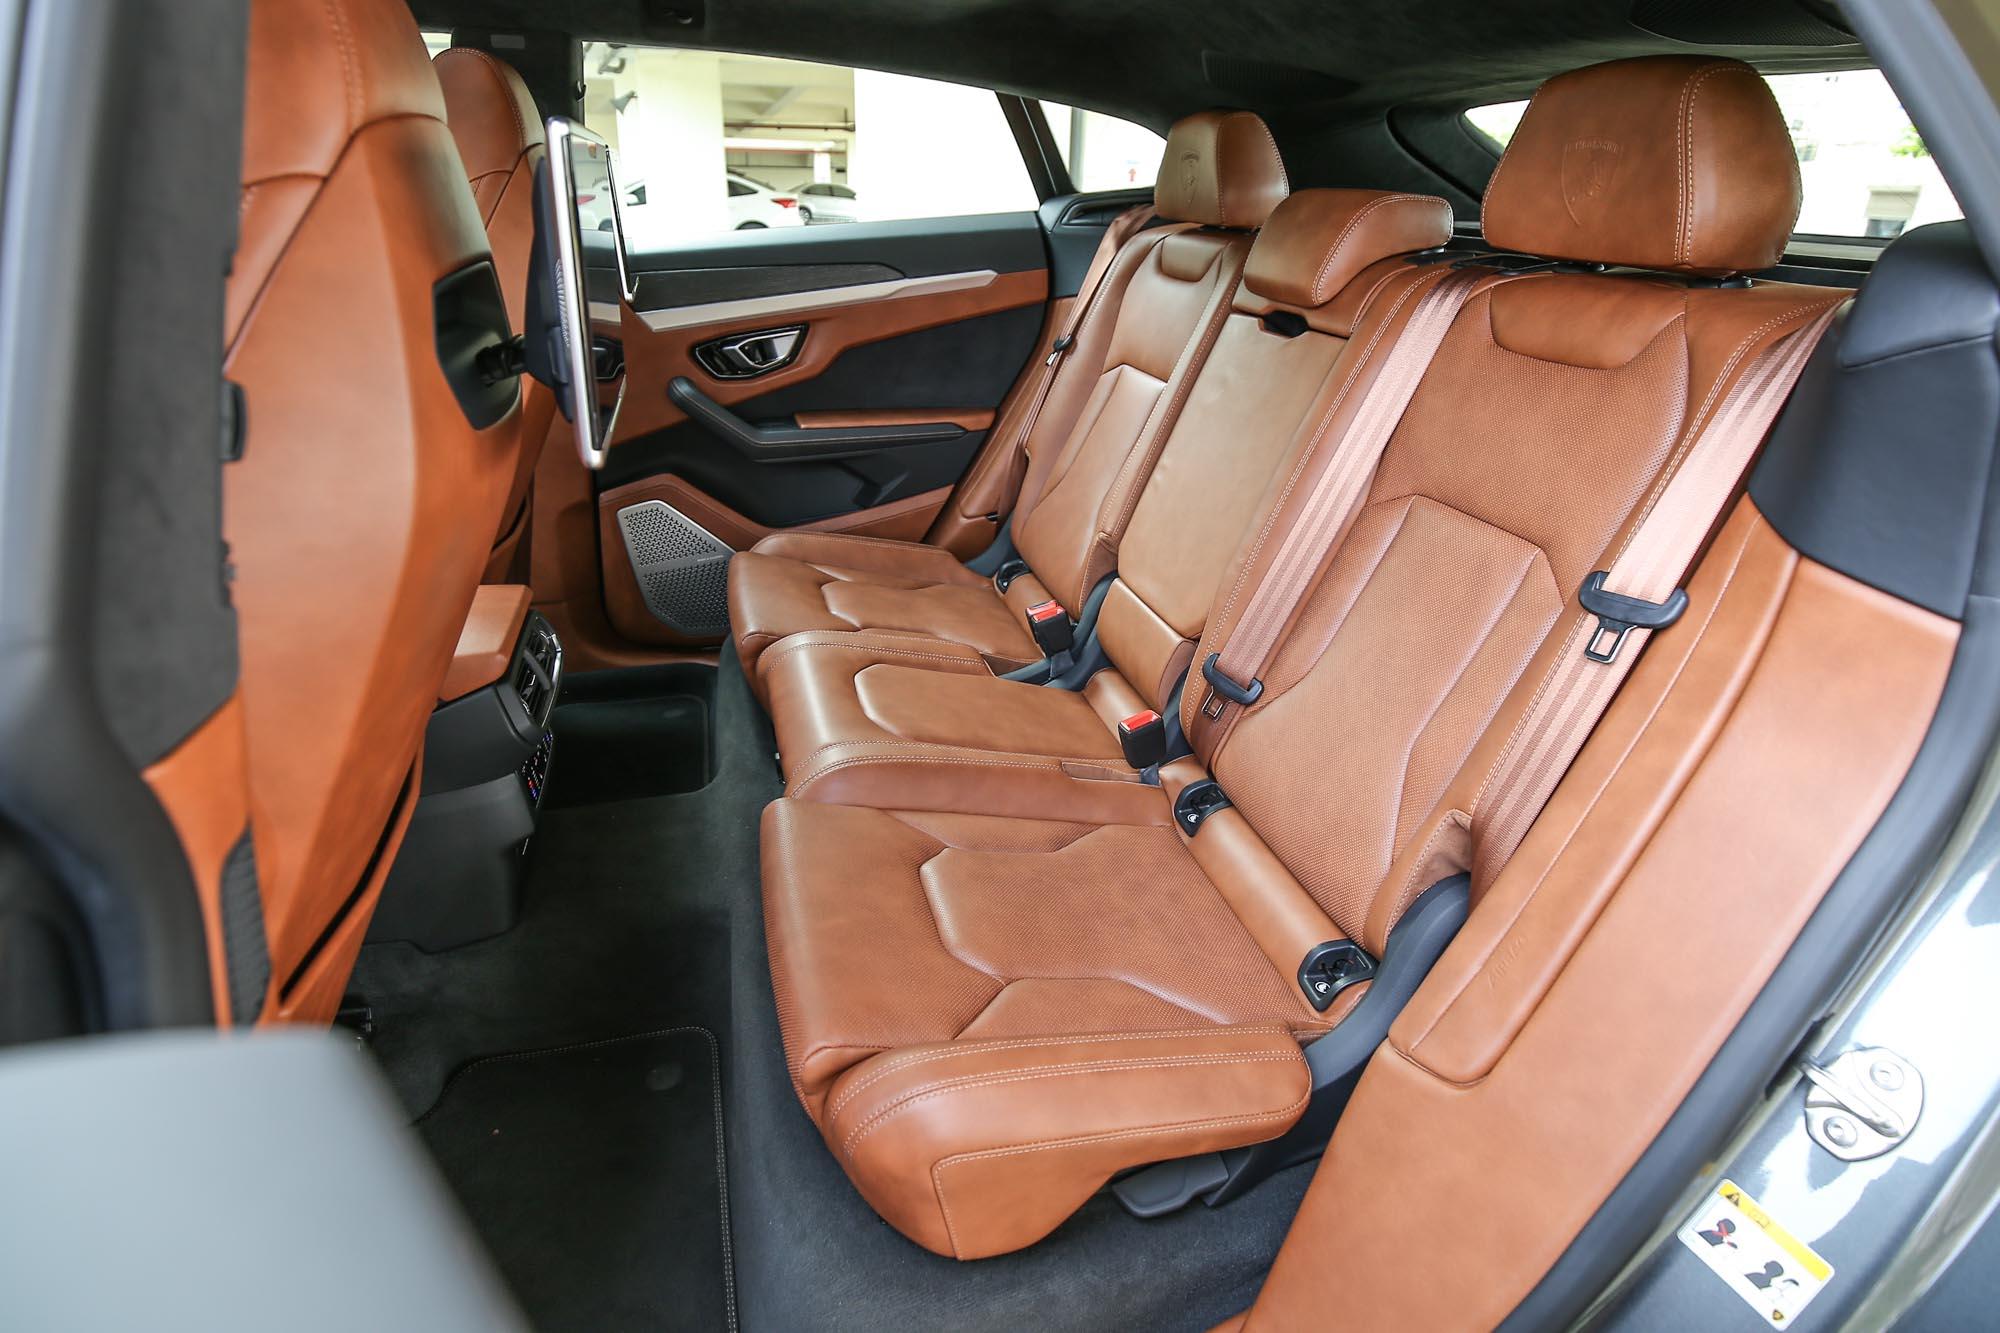 試駕車輛選配了最頂級的座艙皮革選項,連門檻都是完整的皮革包覆。總代理表示,甚至還有車主選配白色皮革,光是保養維護就讓人佩服得五體投地。